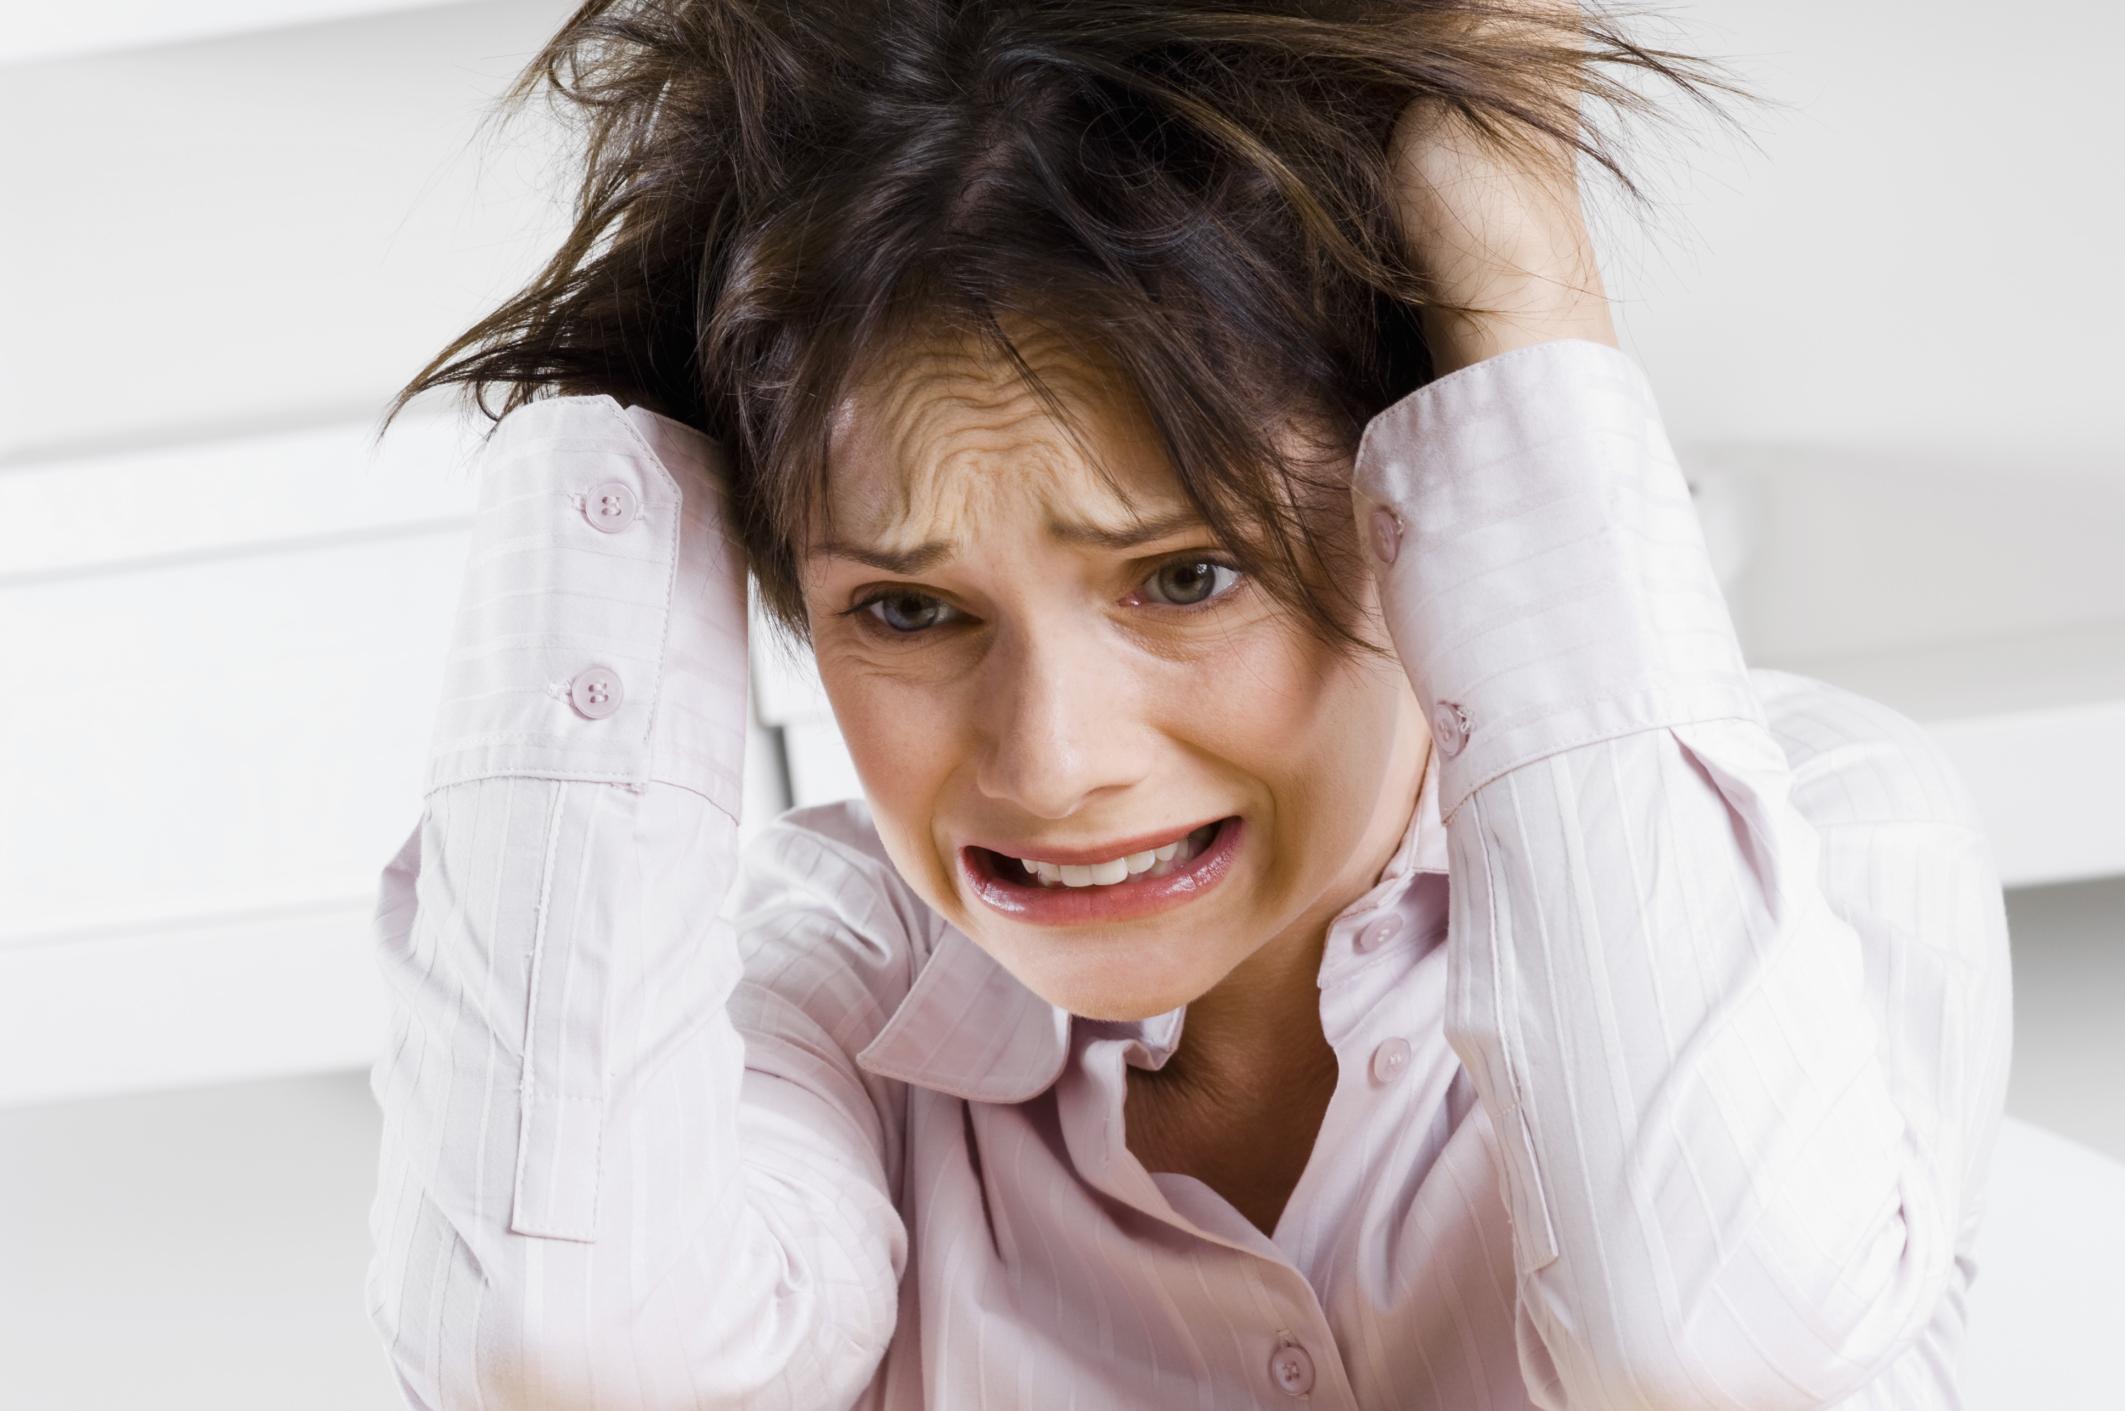 «боли в спине оказались депрессией». невролог про вегетативную дистонию, ненужные исследования и стрессы